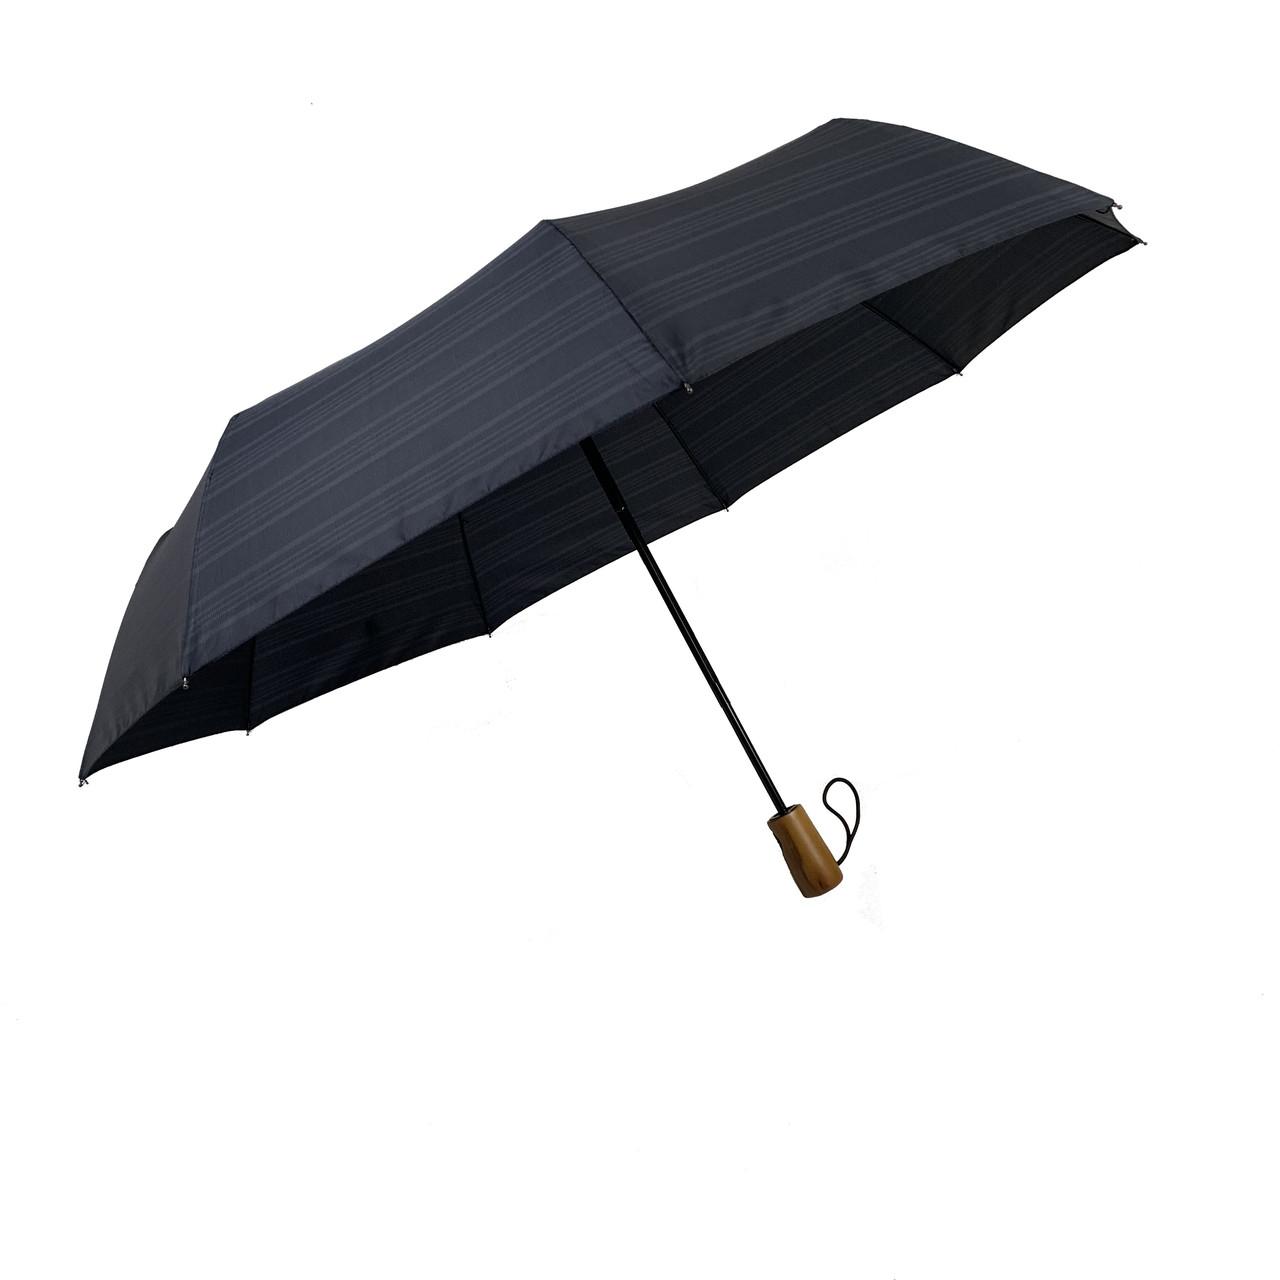 """Автоматический зонт с деревяной ручкой и куполом в клетку от """"Три слона"""", темно-серый, 624-6"""